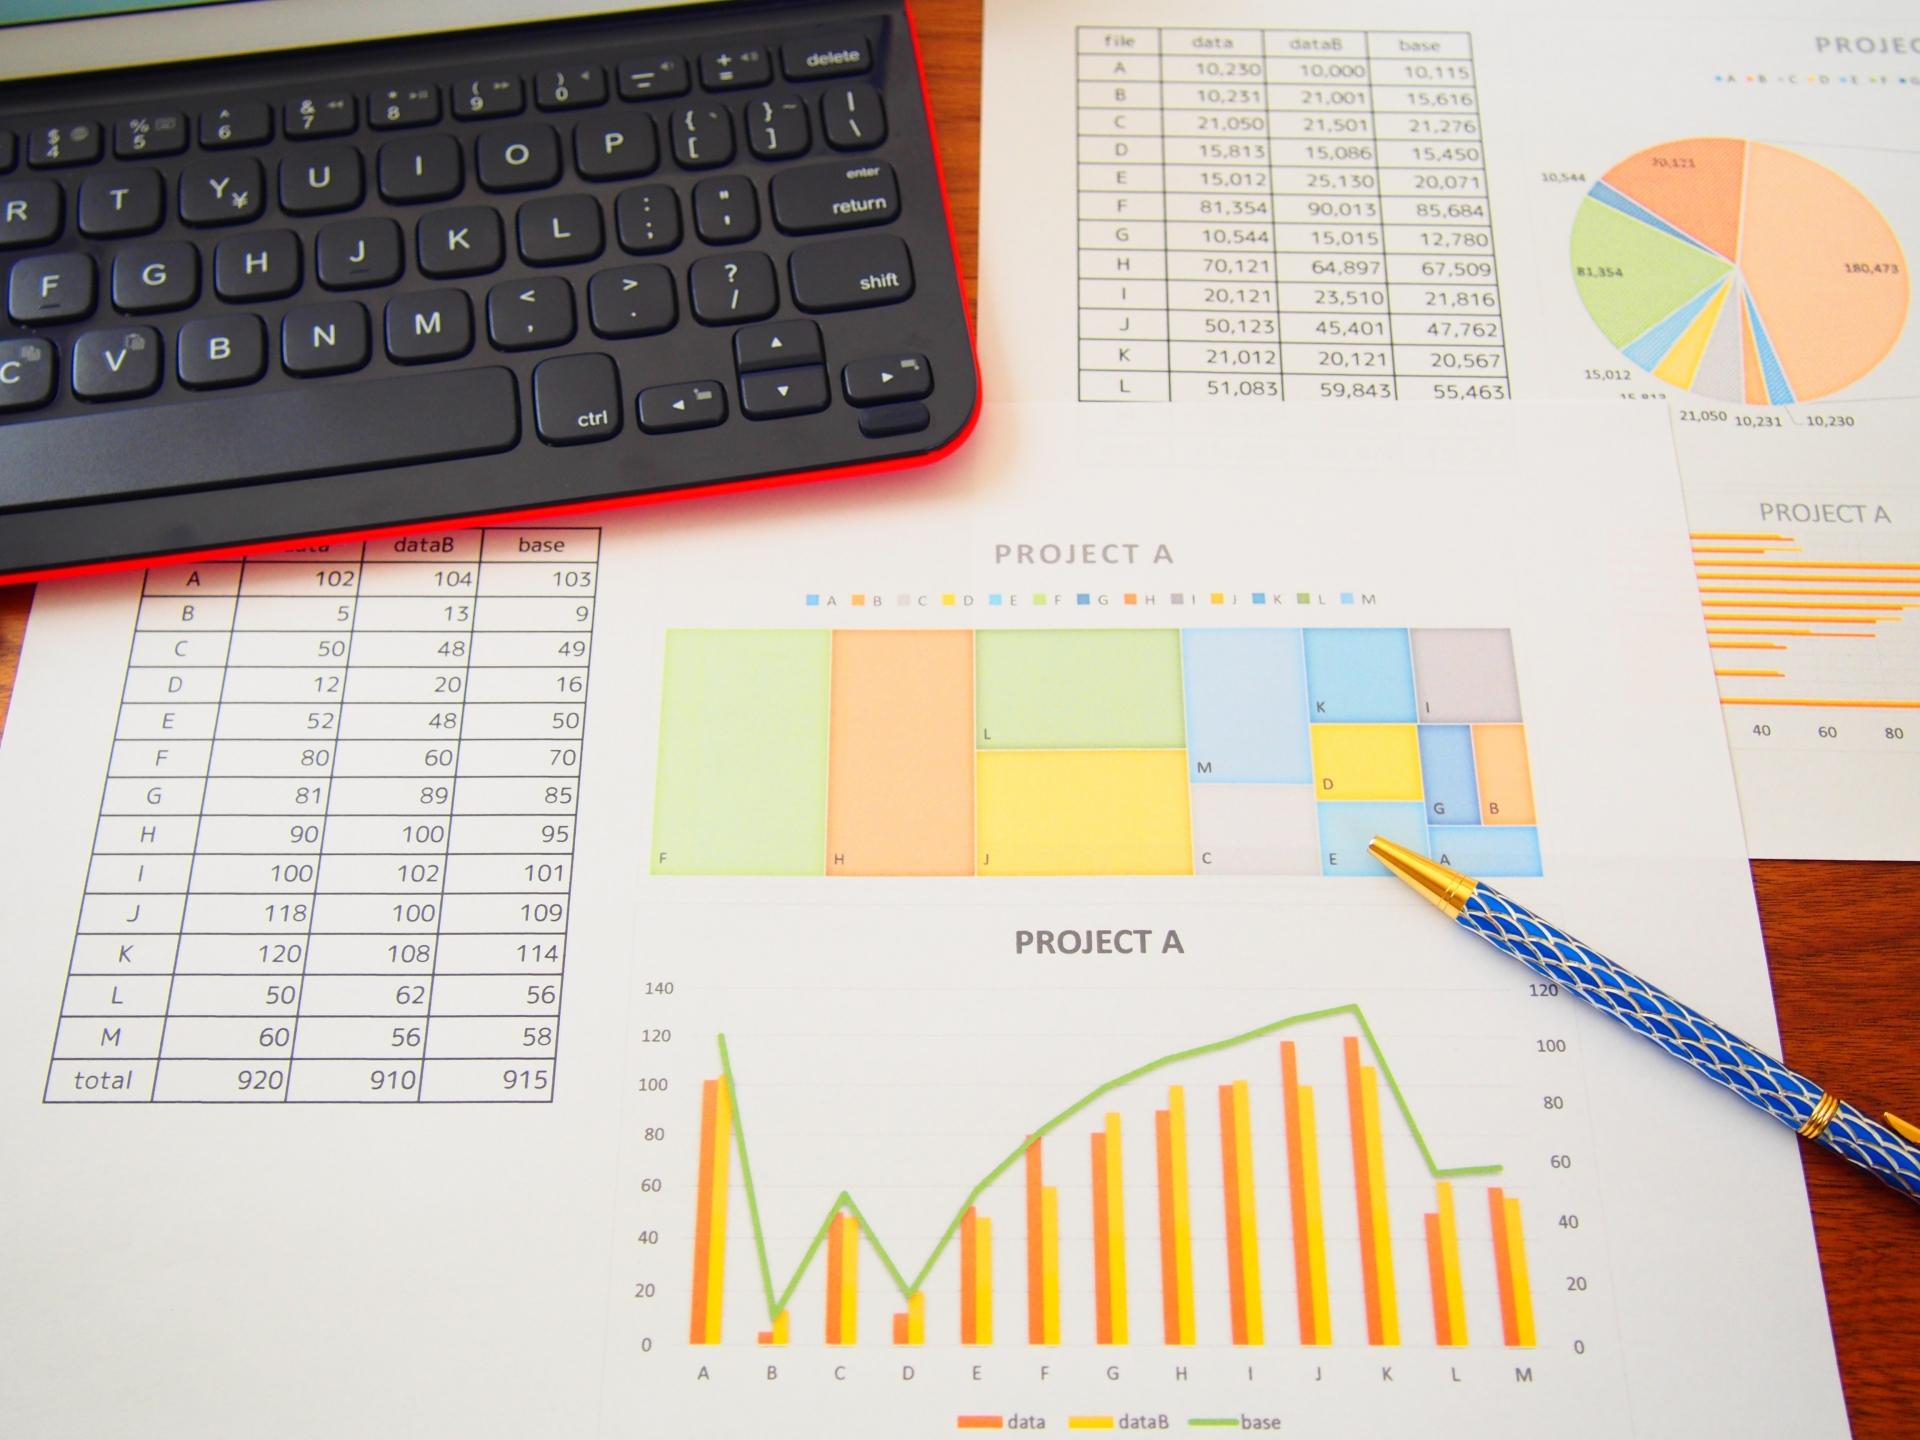 創業融資に必要な事業計画書の書き方を考えてみよう1